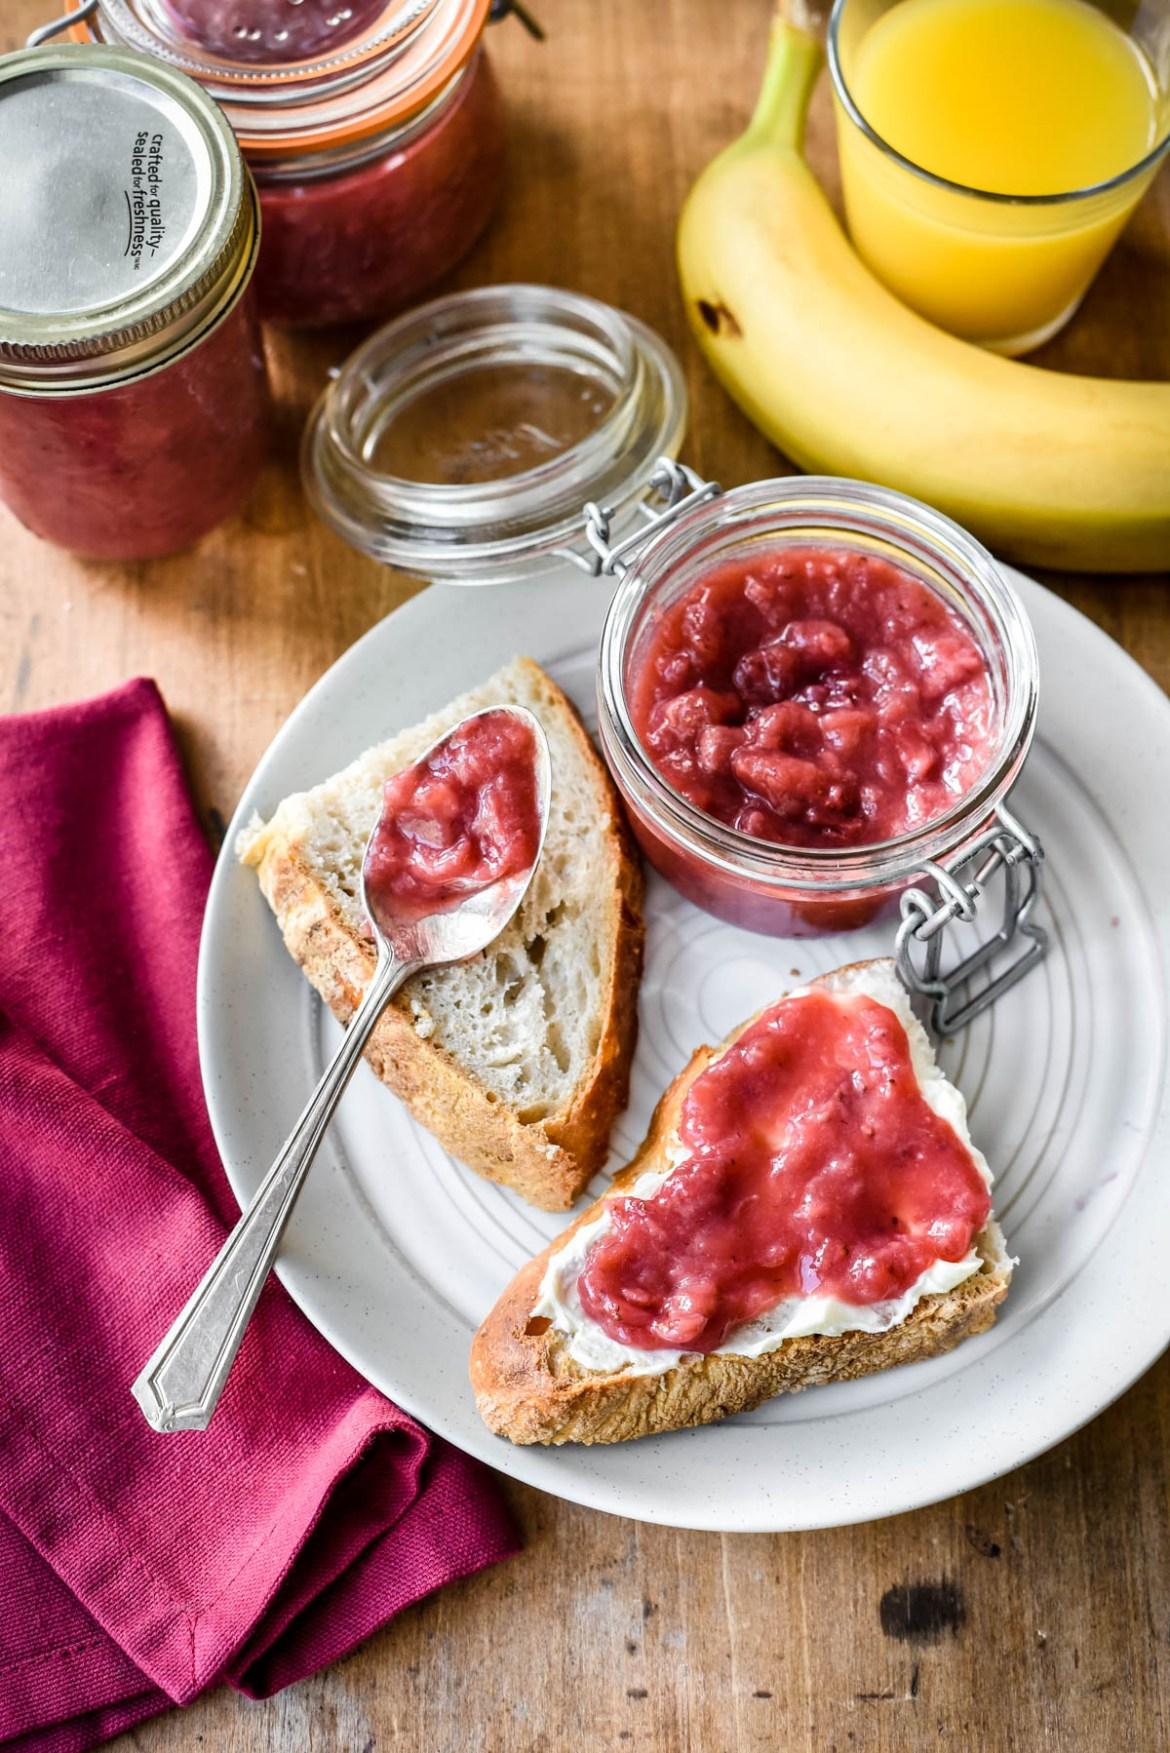 Strawberry Banana Jam